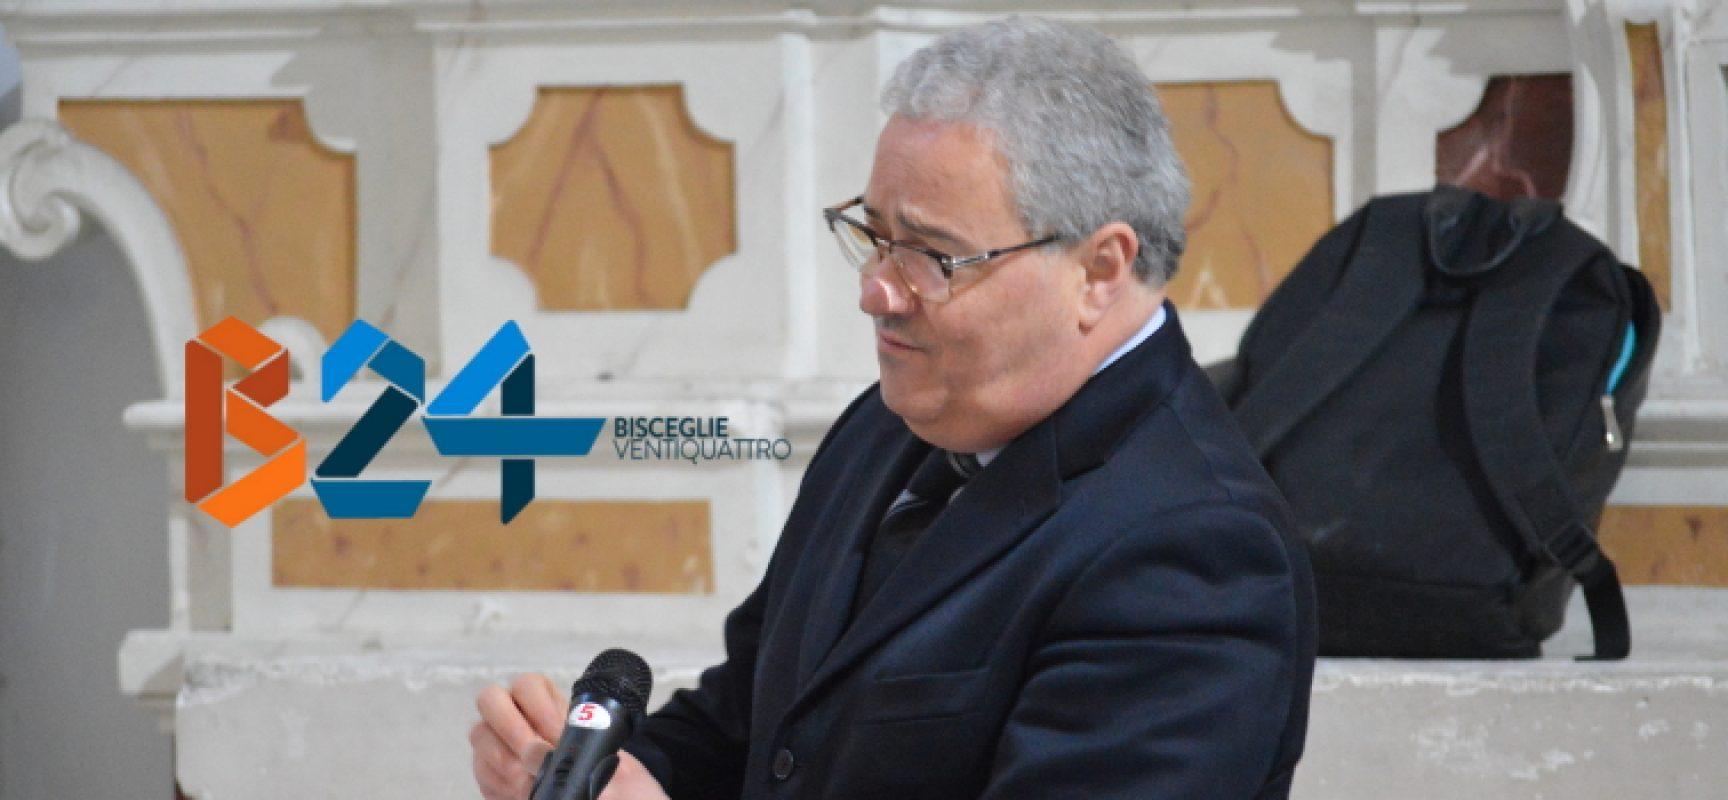 """Riconoscimento Giovanni Paolo II, Napoletano: """"Amministrazione miope e poco sensibile"""""""